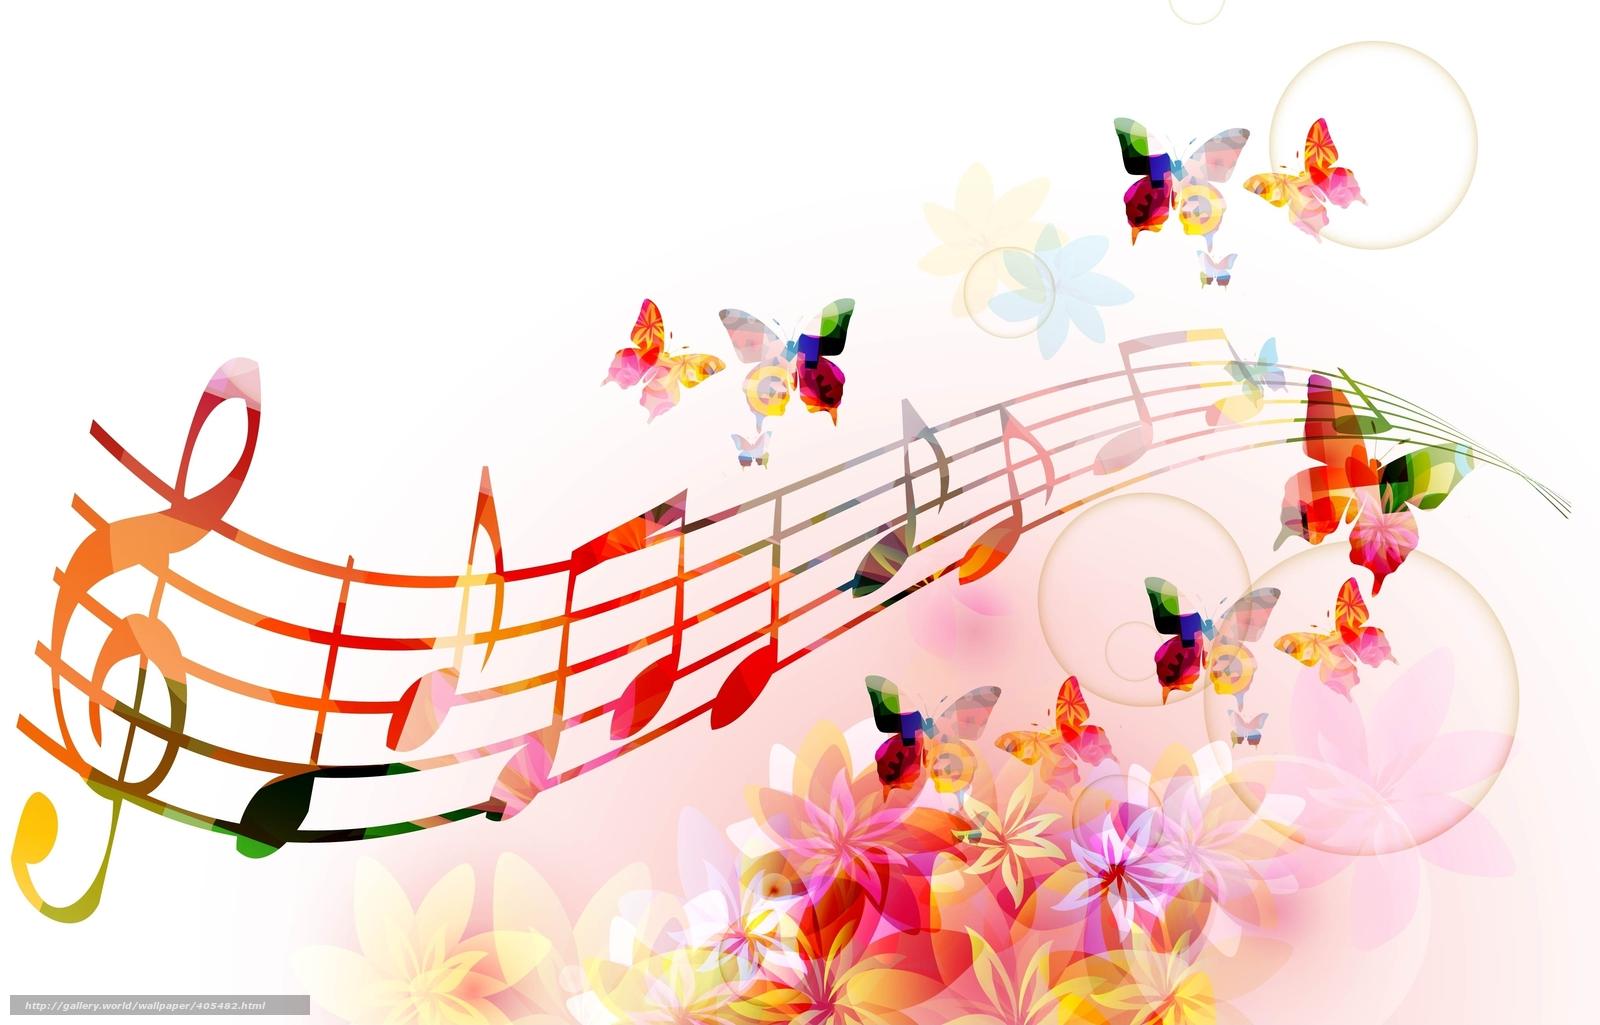 Scaricare gli sfondi musica fiori farfalle sfondi gratis for Immagini farfalle per desktop